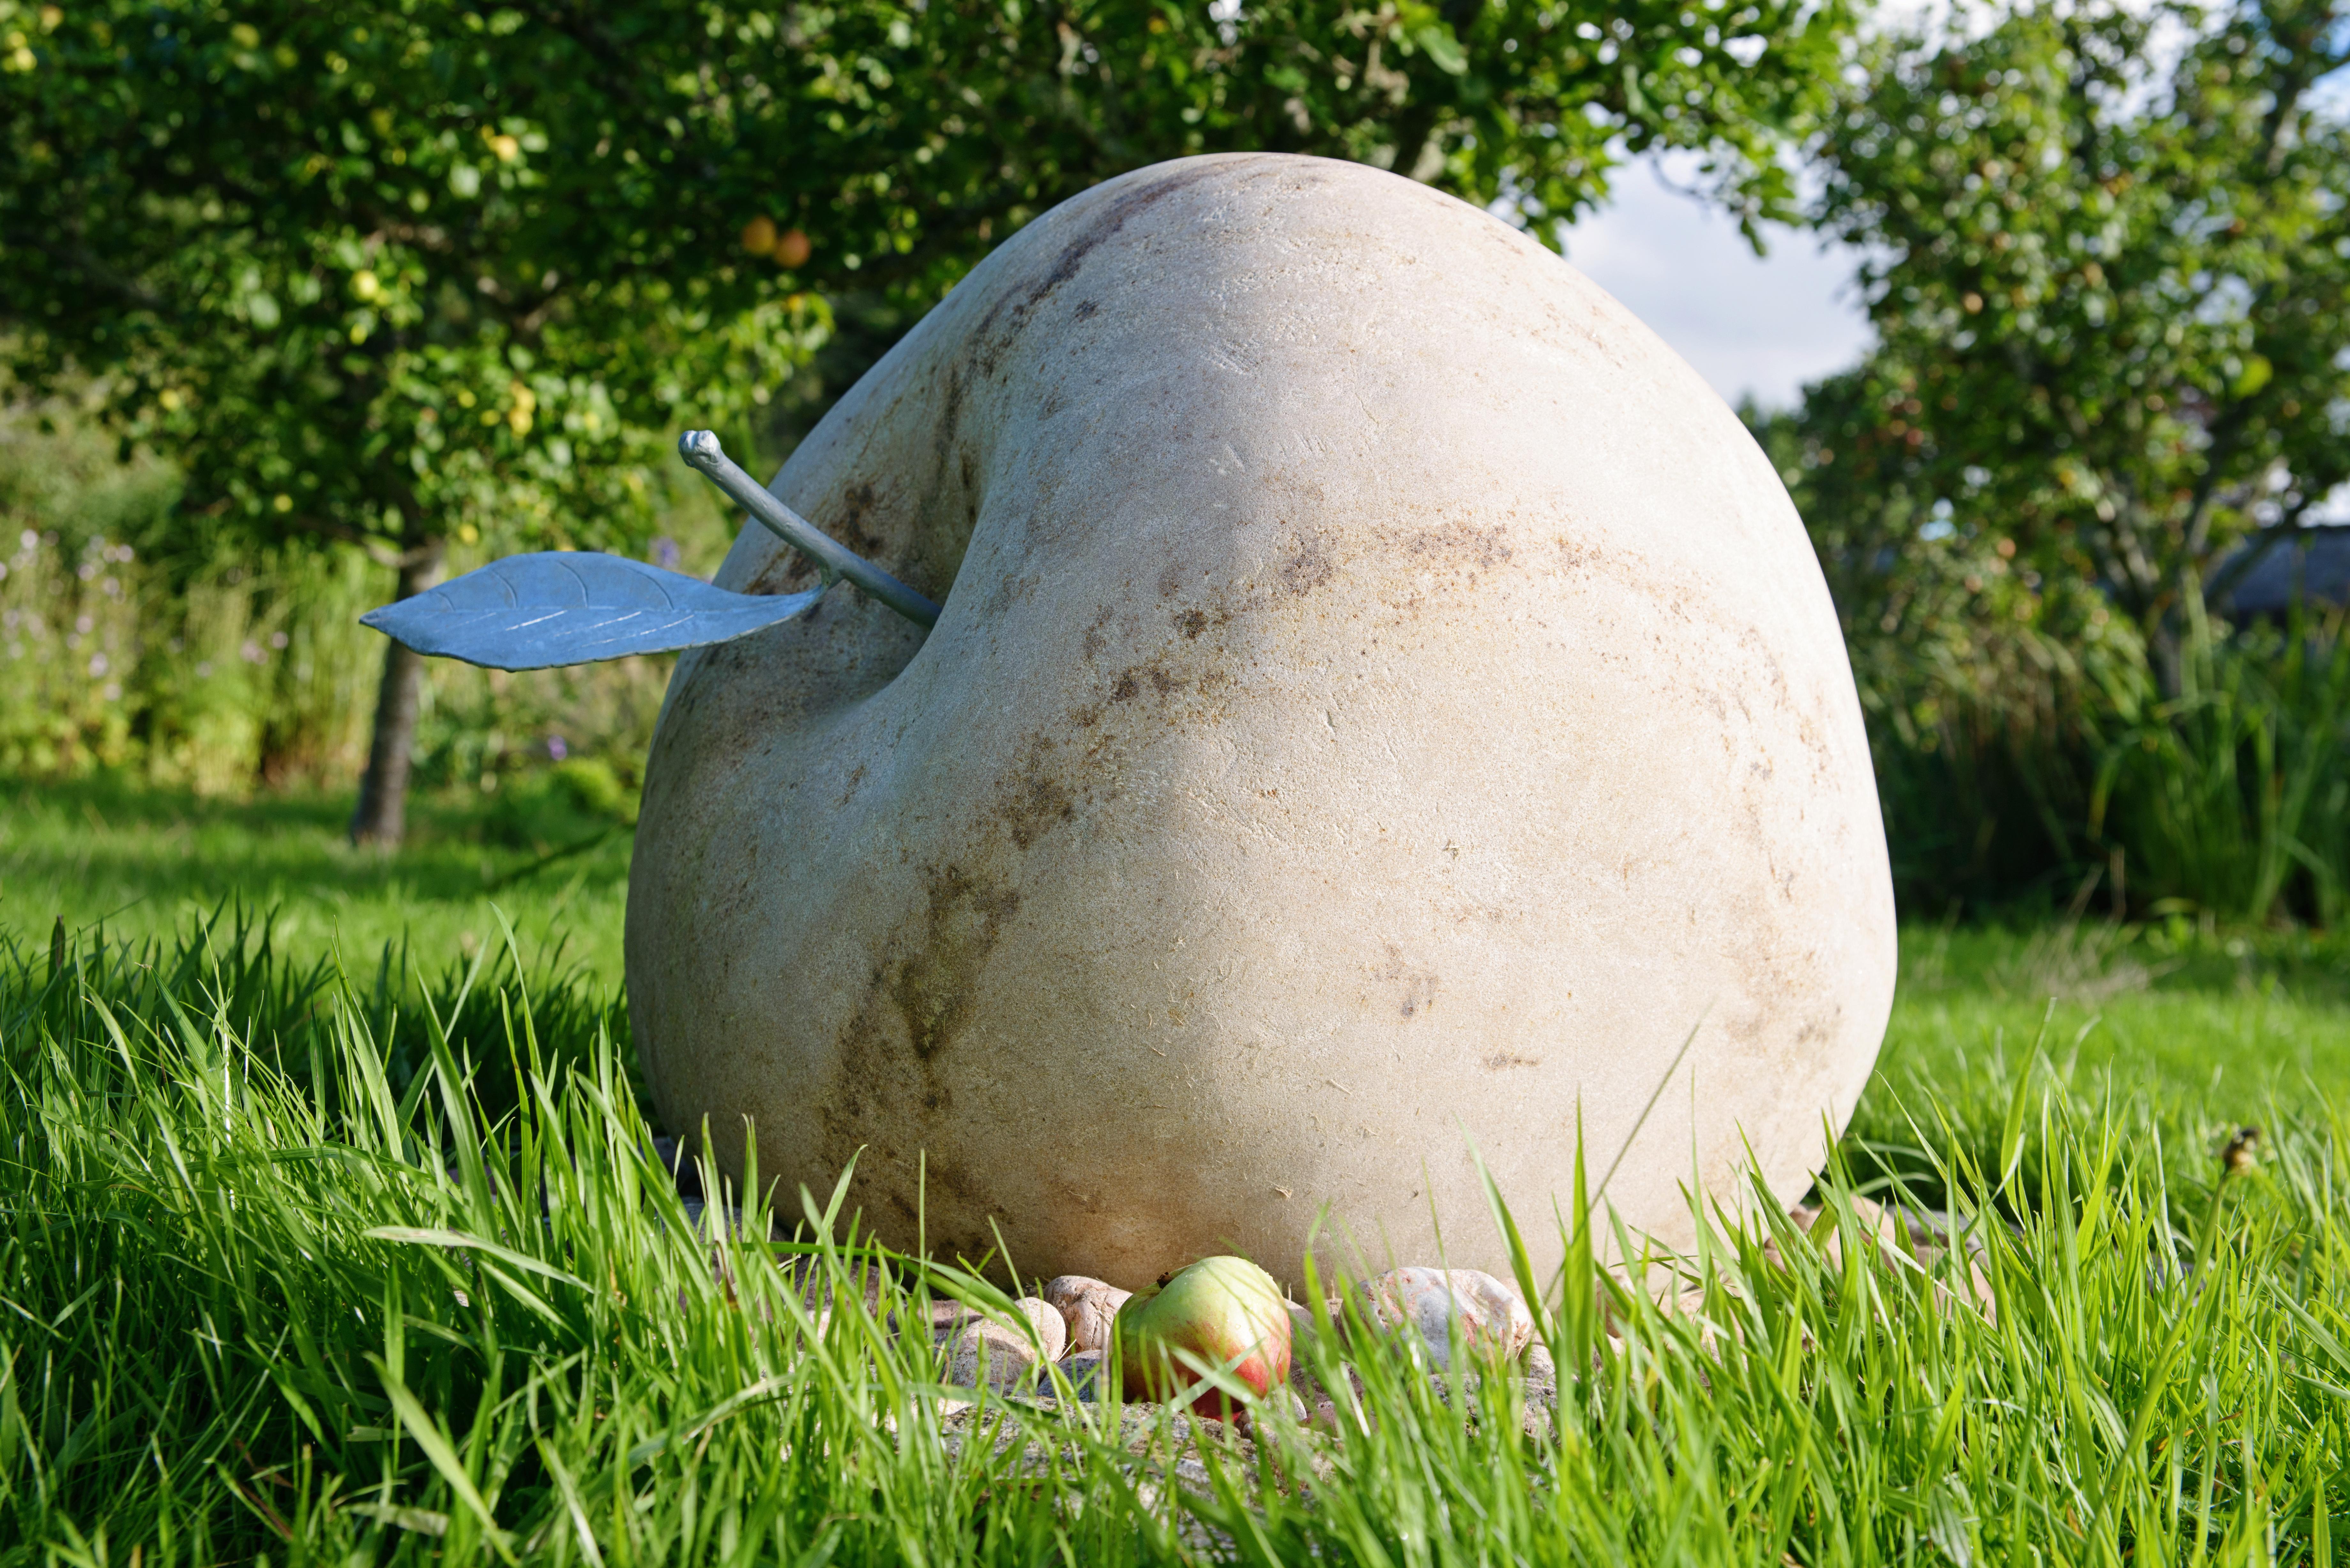 apple for logie house garden pic